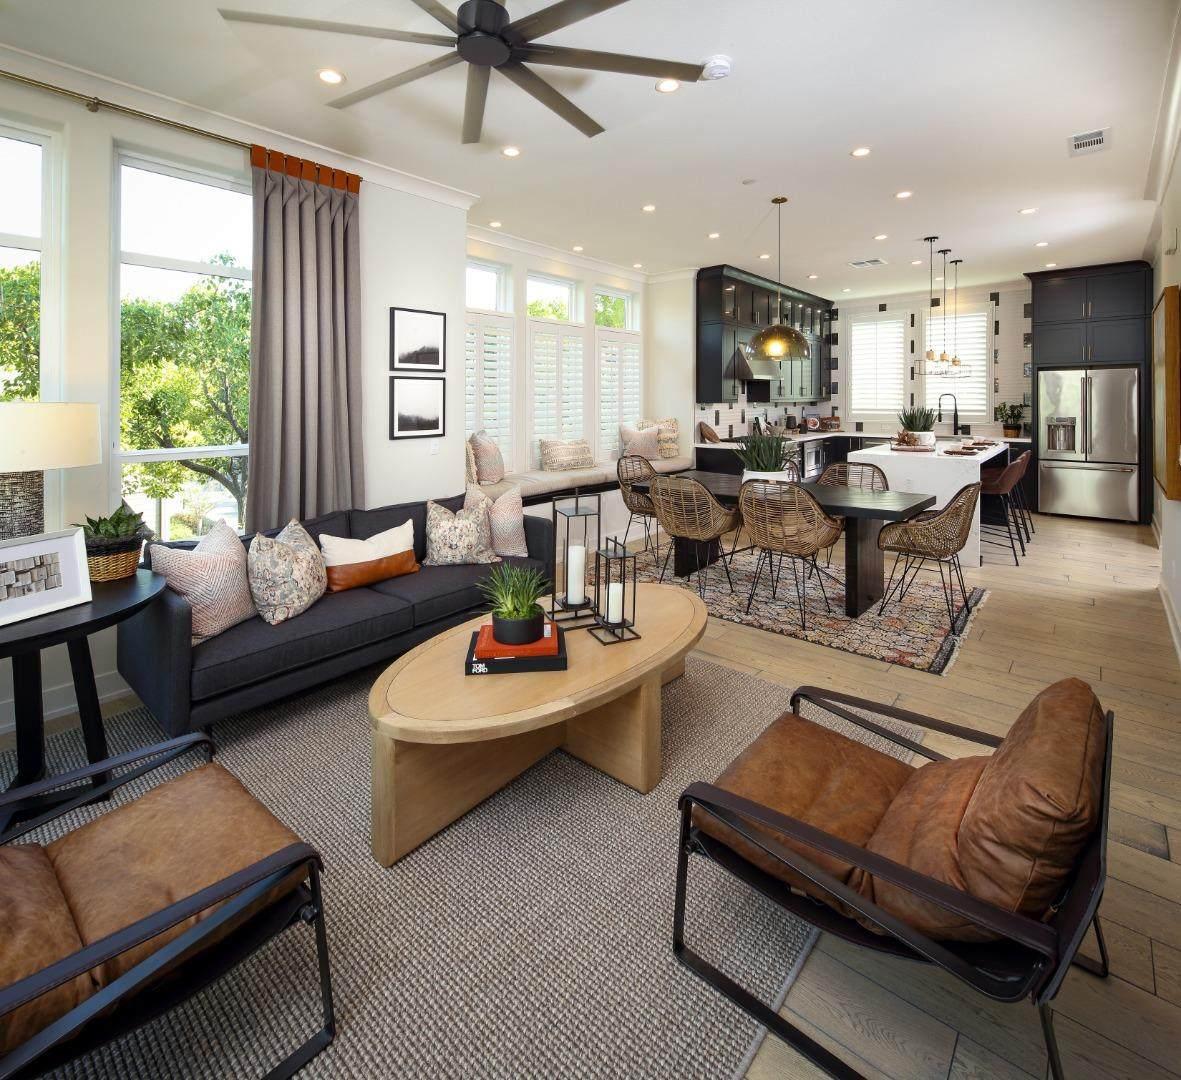 667 Agave Terrace - Photo 1